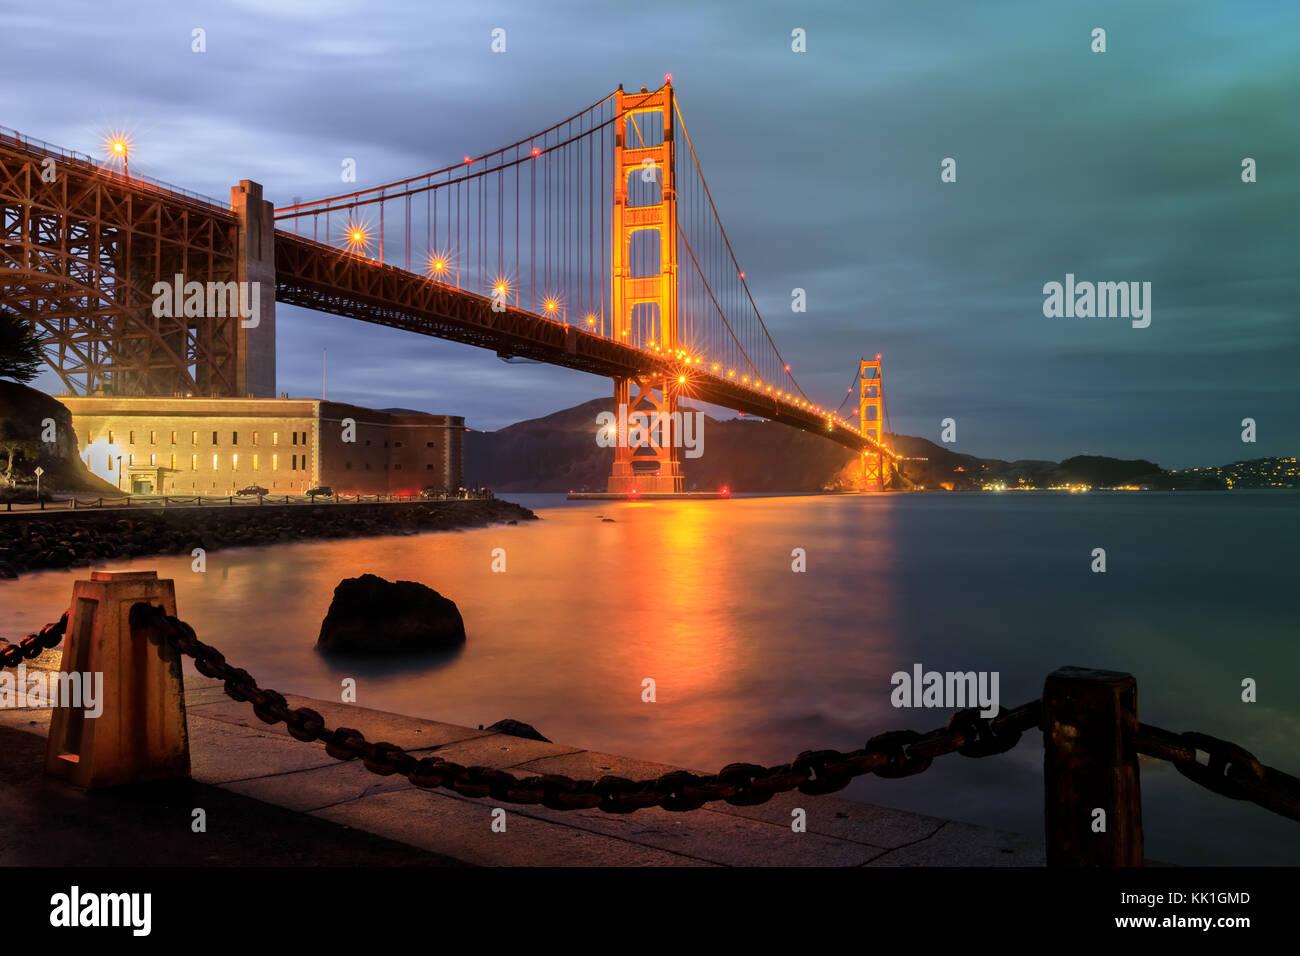 Golden Gate Bridge und Maschendrahtzaun in der Nacht. Stockbild